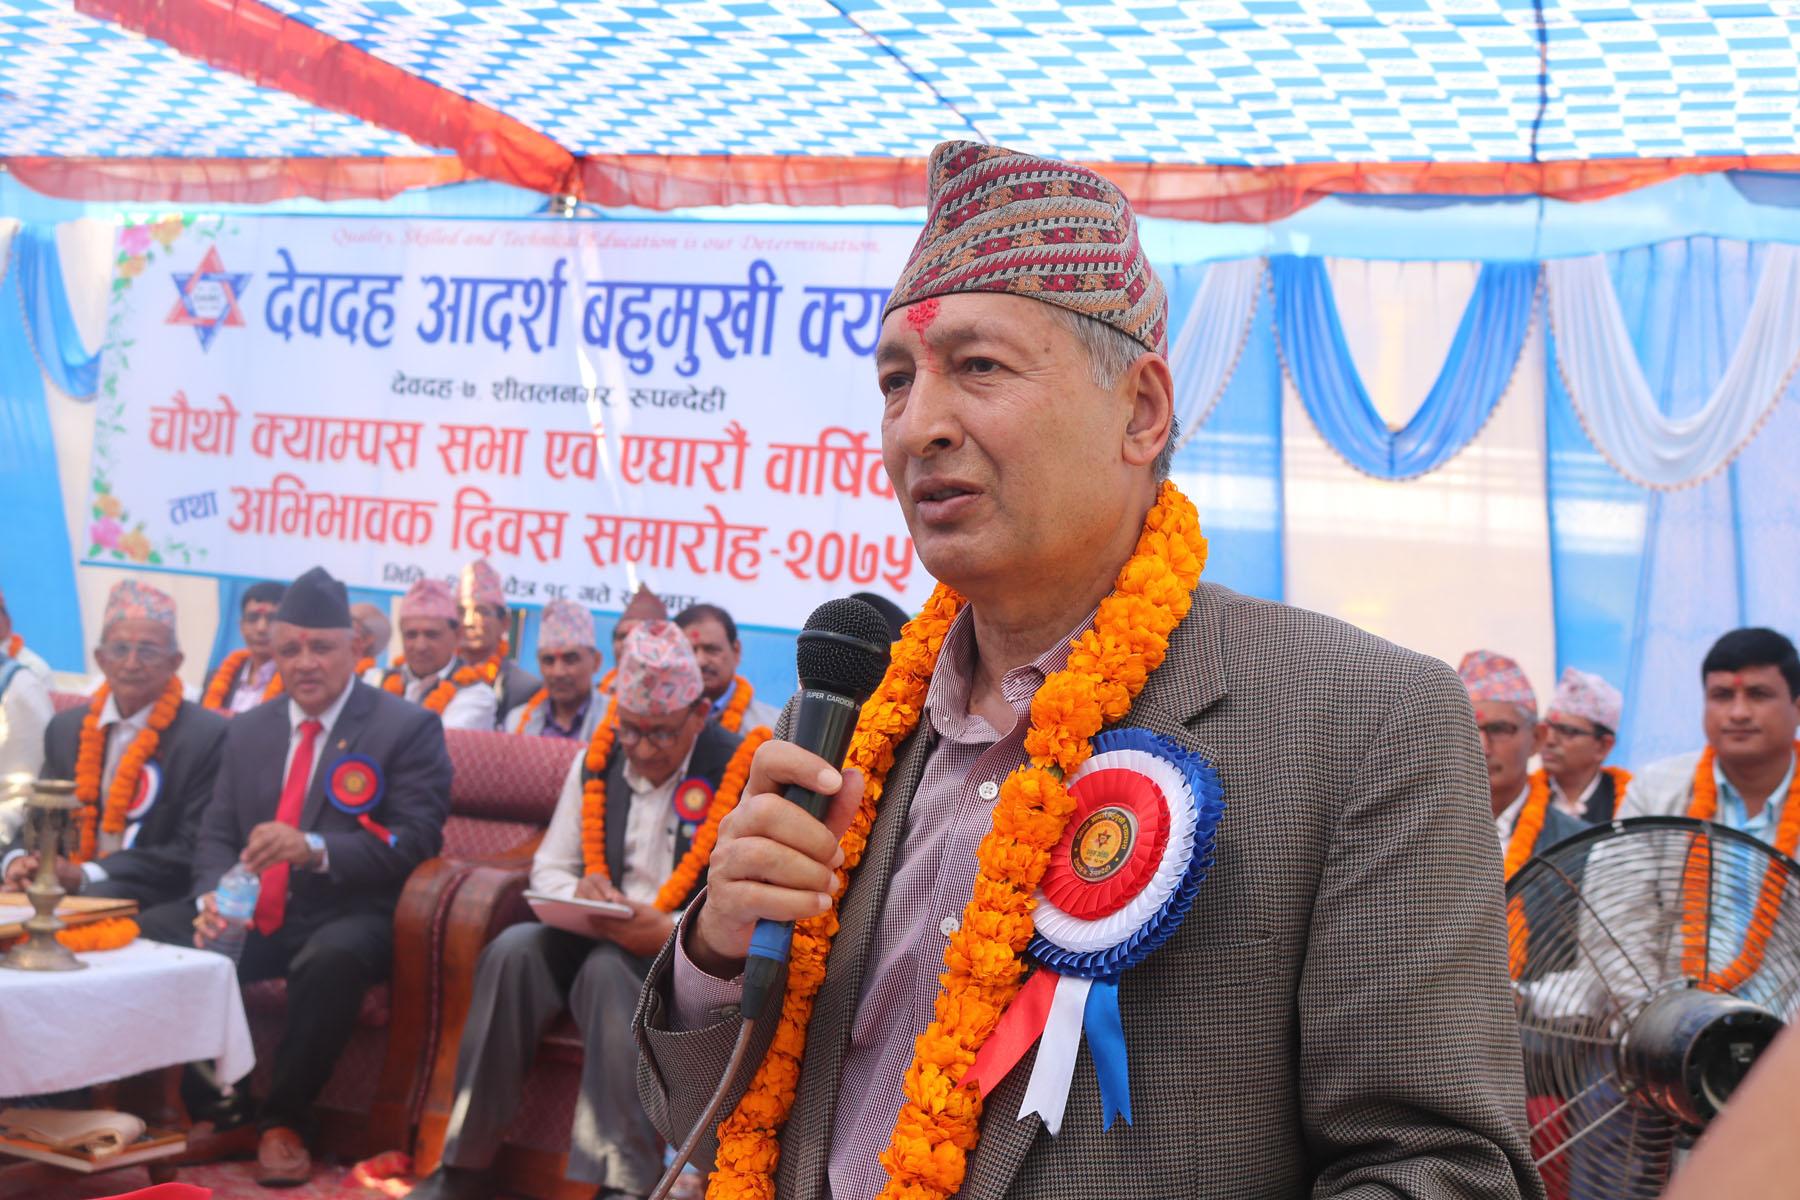 लुम्बिनीमा विदेशी लगानी गर्न तयार छन् –अर्थमन्त्री